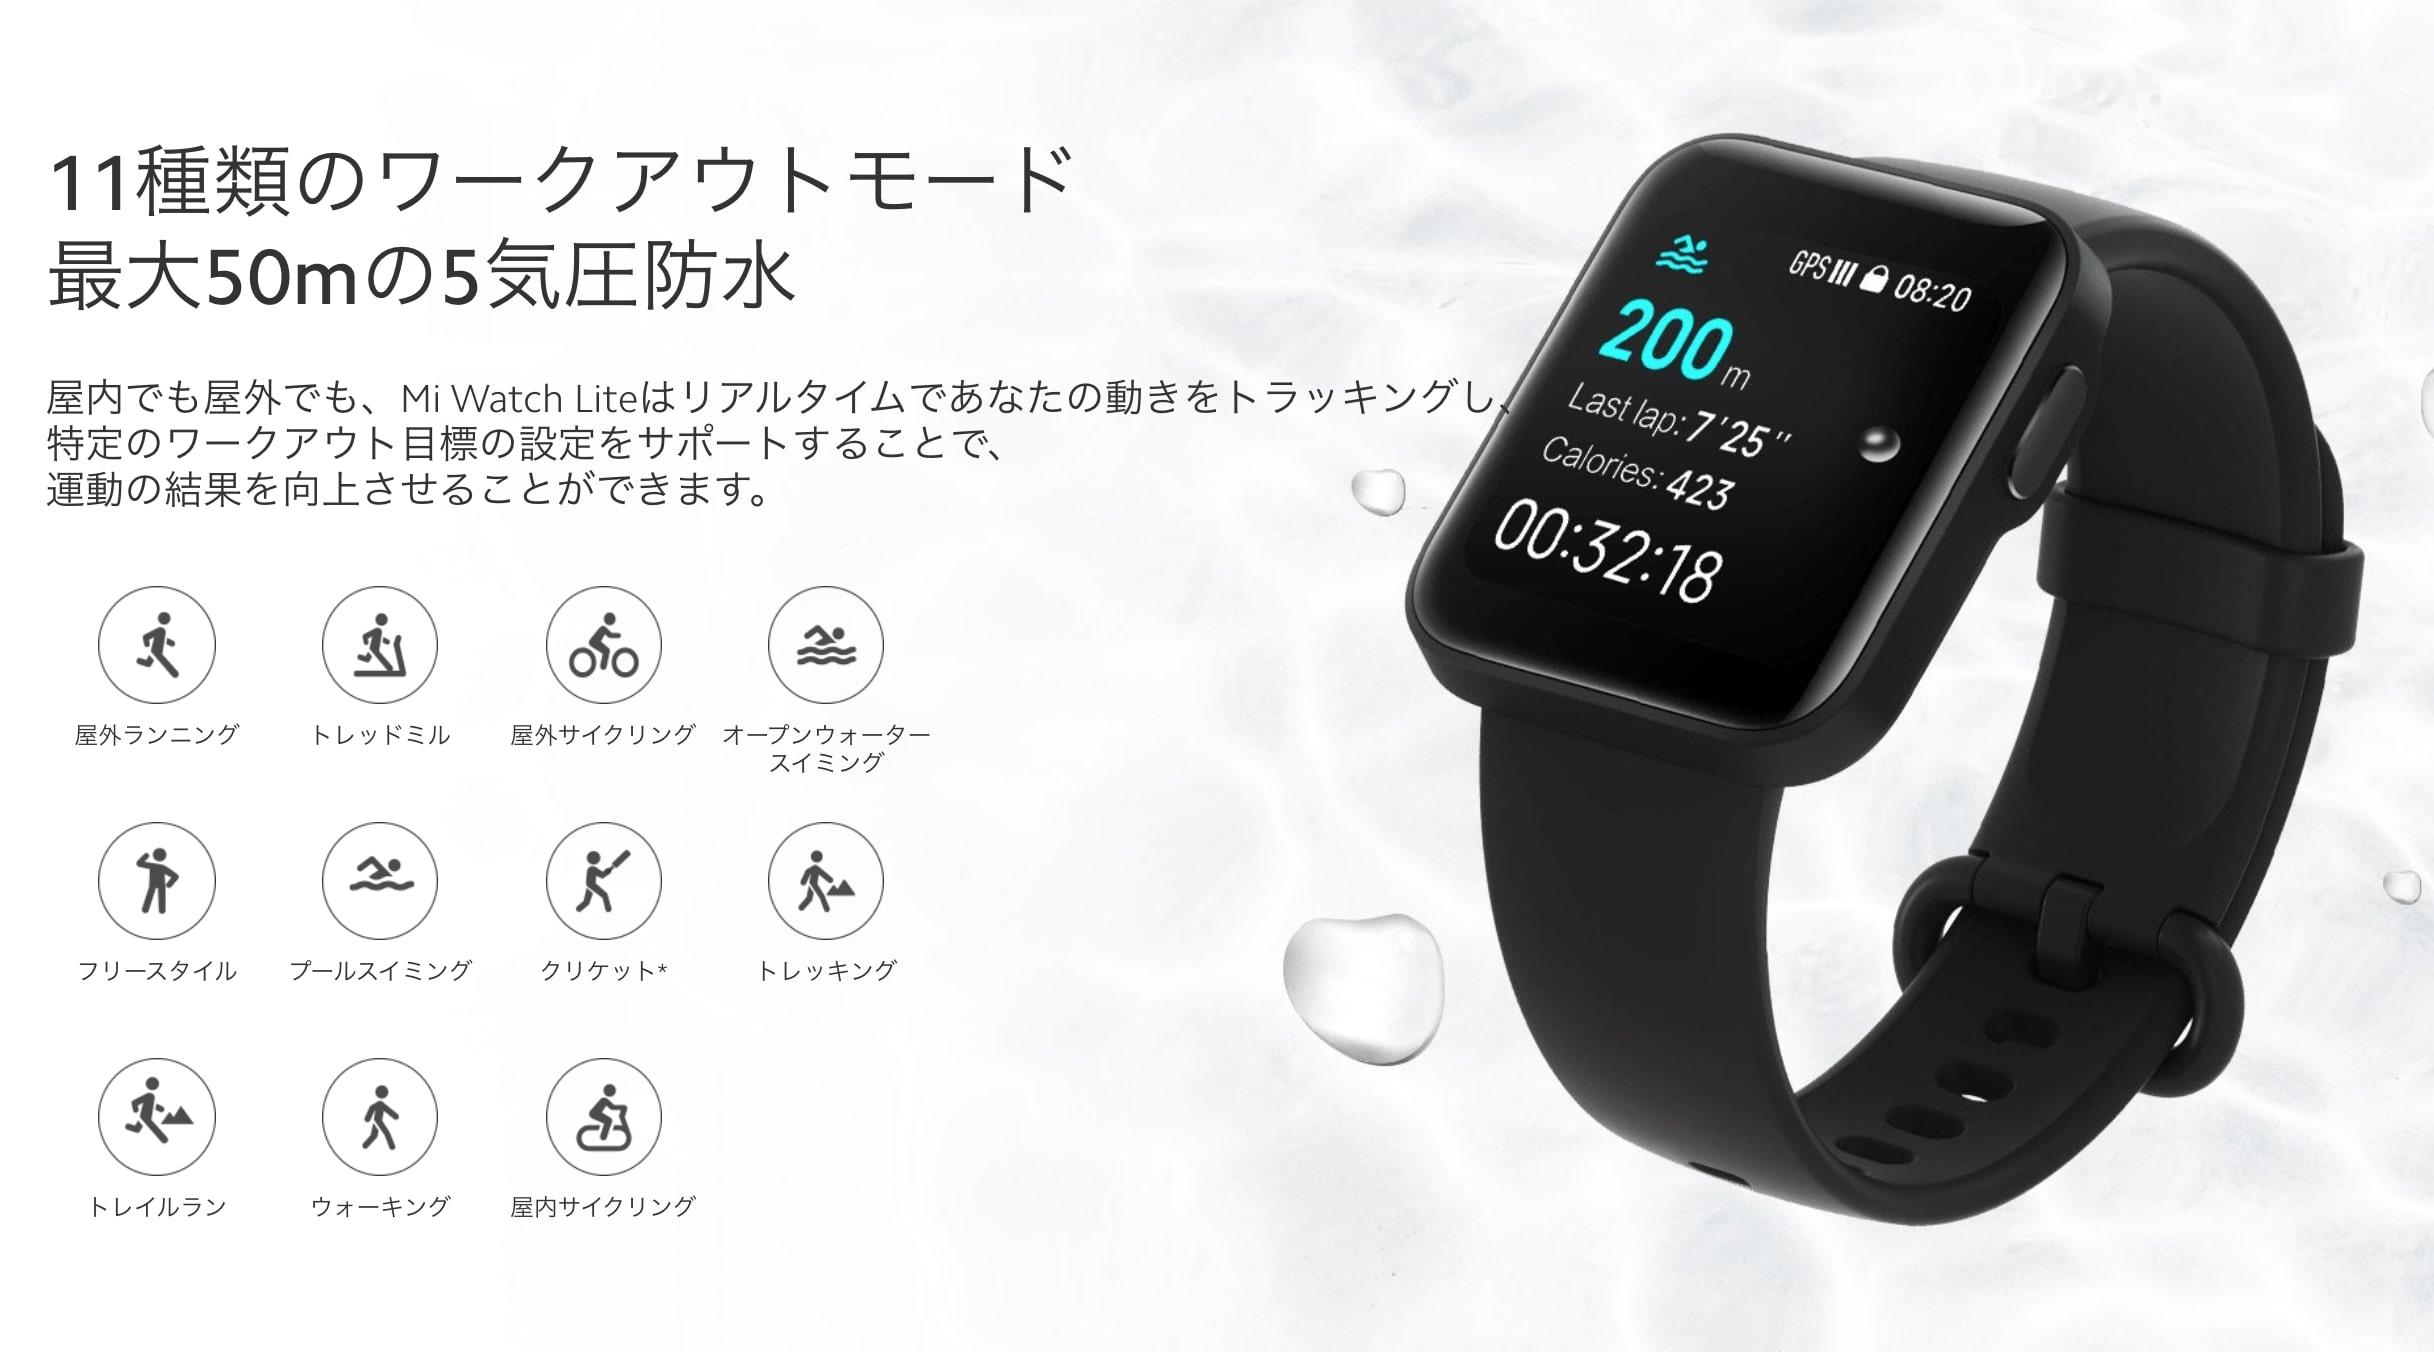 Mi-Watch-Lite-運動の種類11種